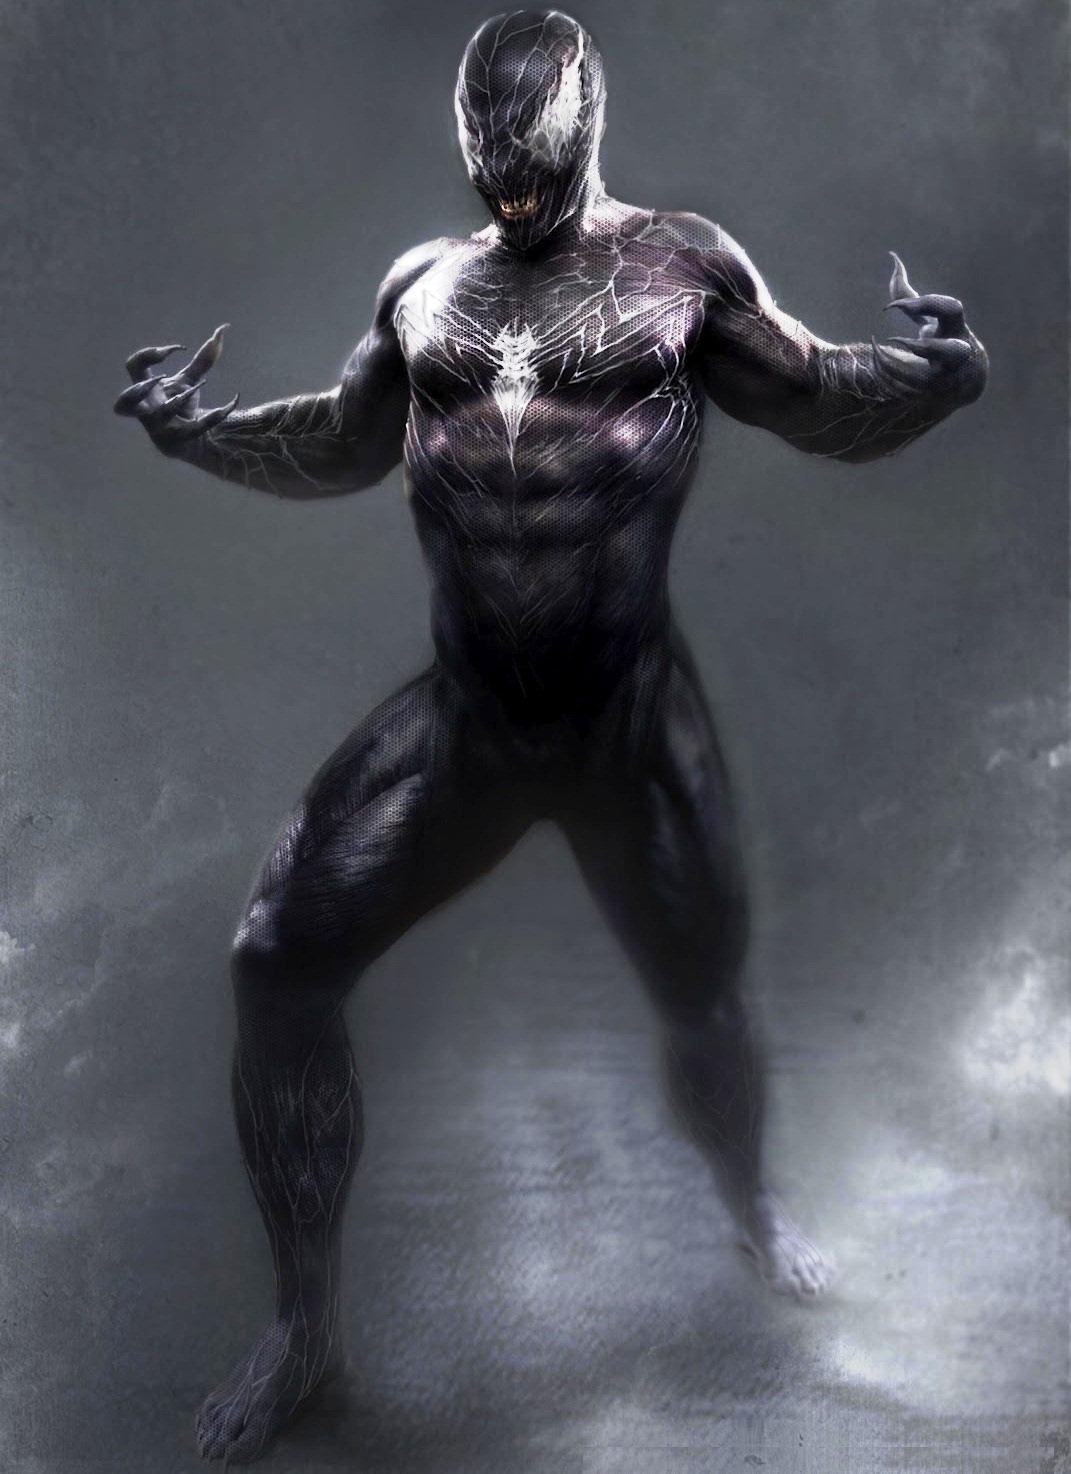 Venom (Topher Grace) - Spider-Man Films Wiki Tobey Maguire Wiki